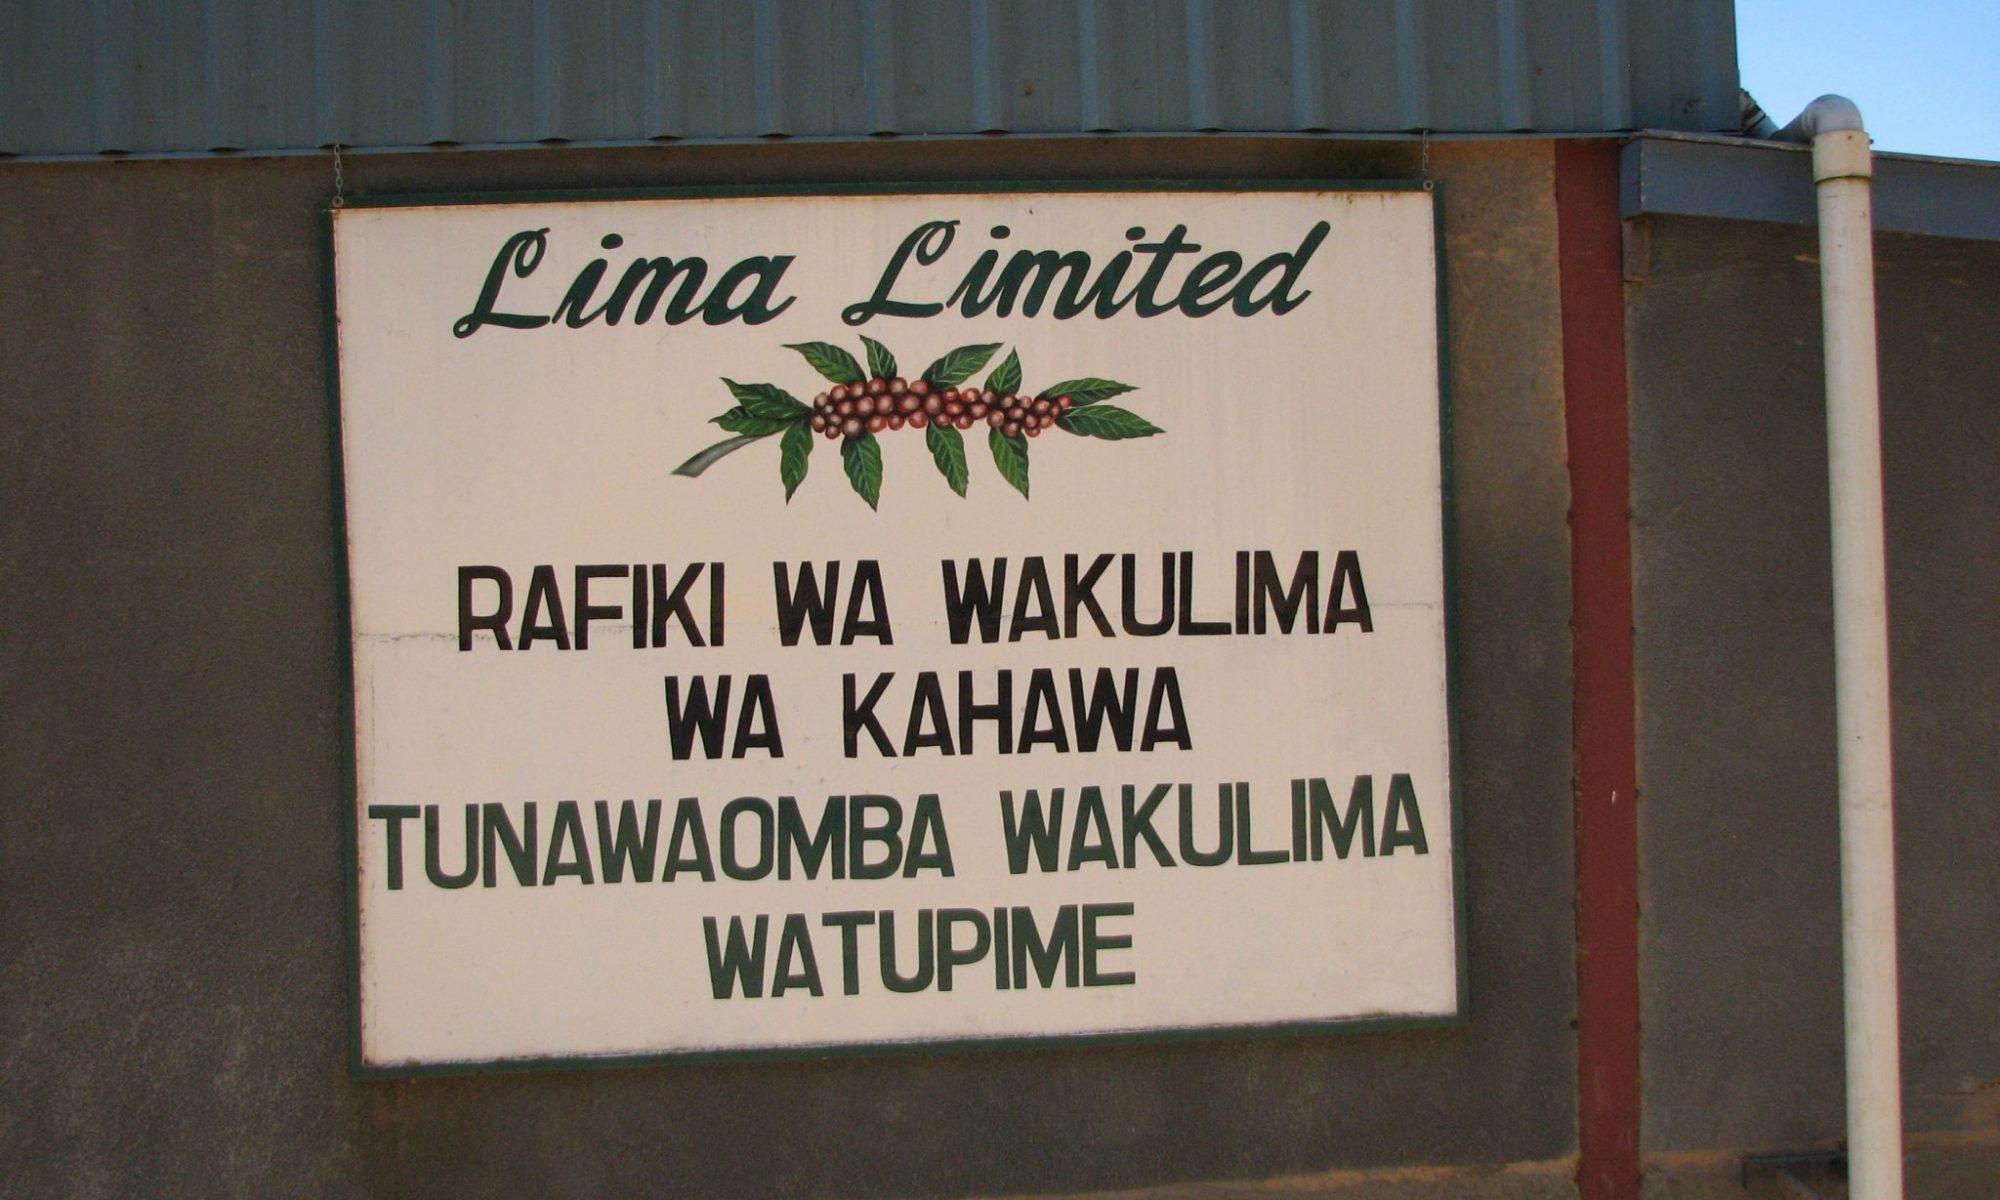 タンザニア リマ (Lima Limited)